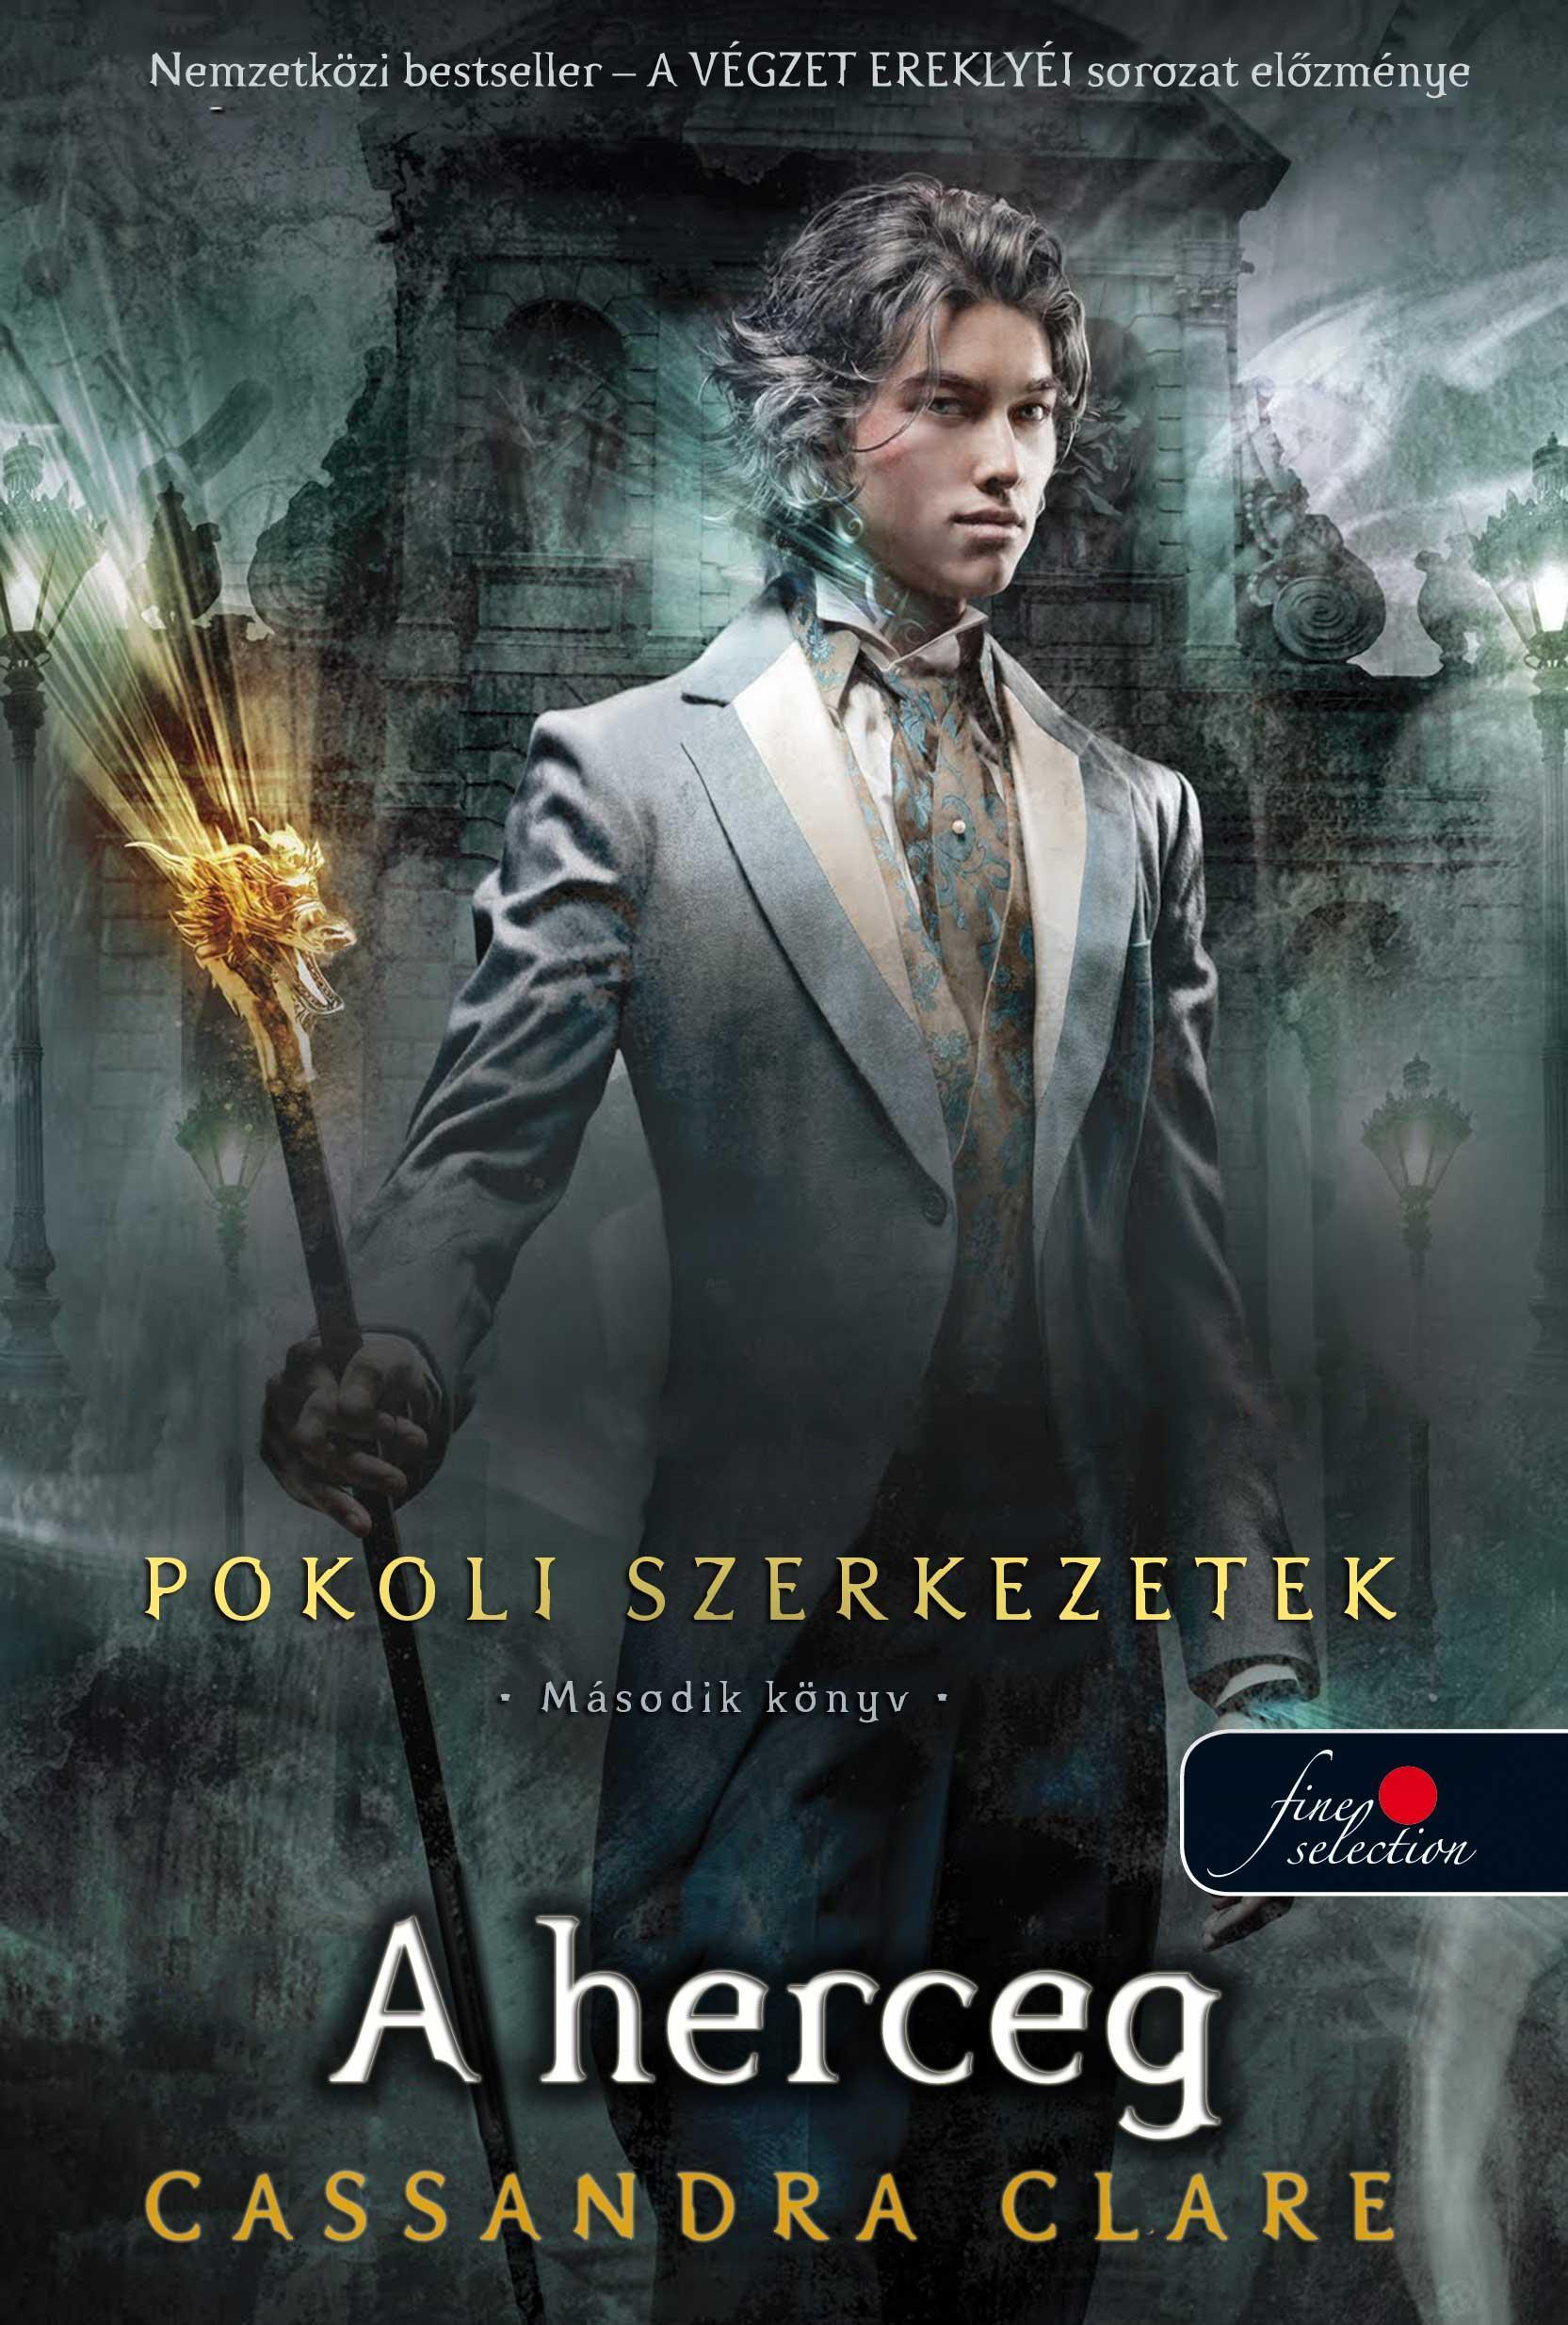 A HERCEG - POKOLI SZERKEZETEK 2. - KÖTÖTT -